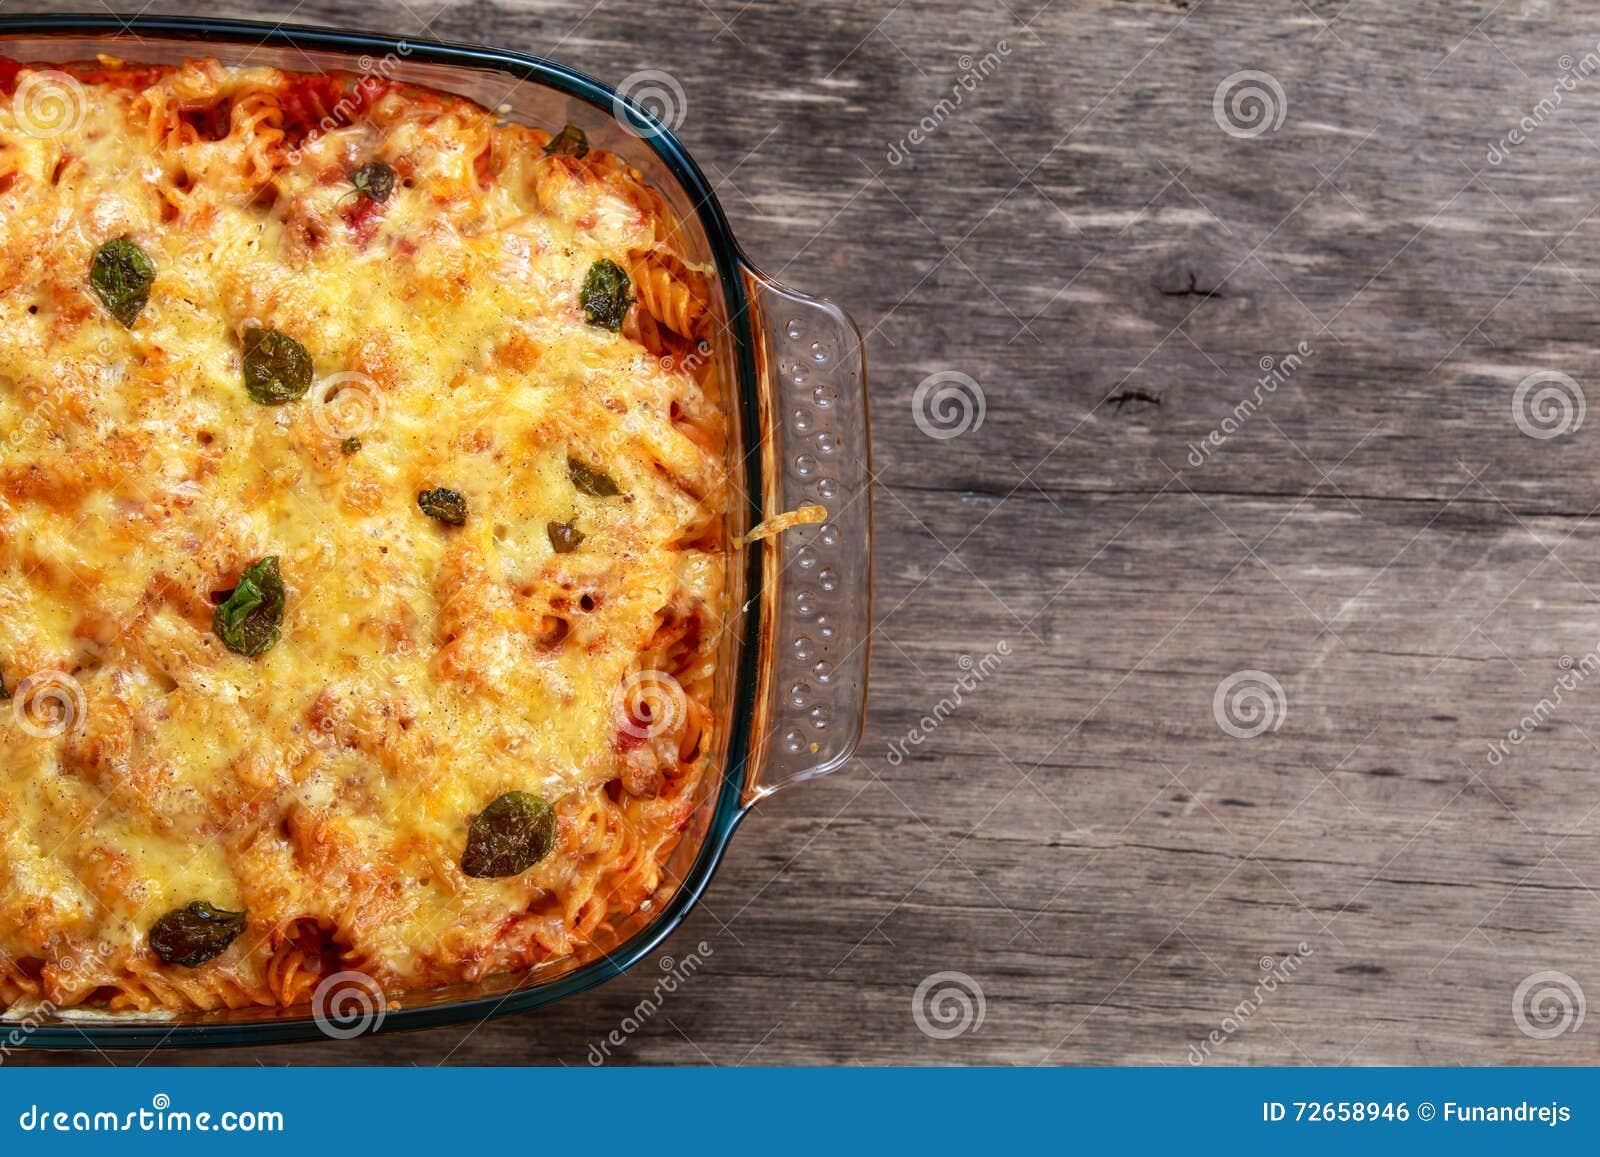 Tuna Pasta Bake con queso y tomates Visión desde la tapa